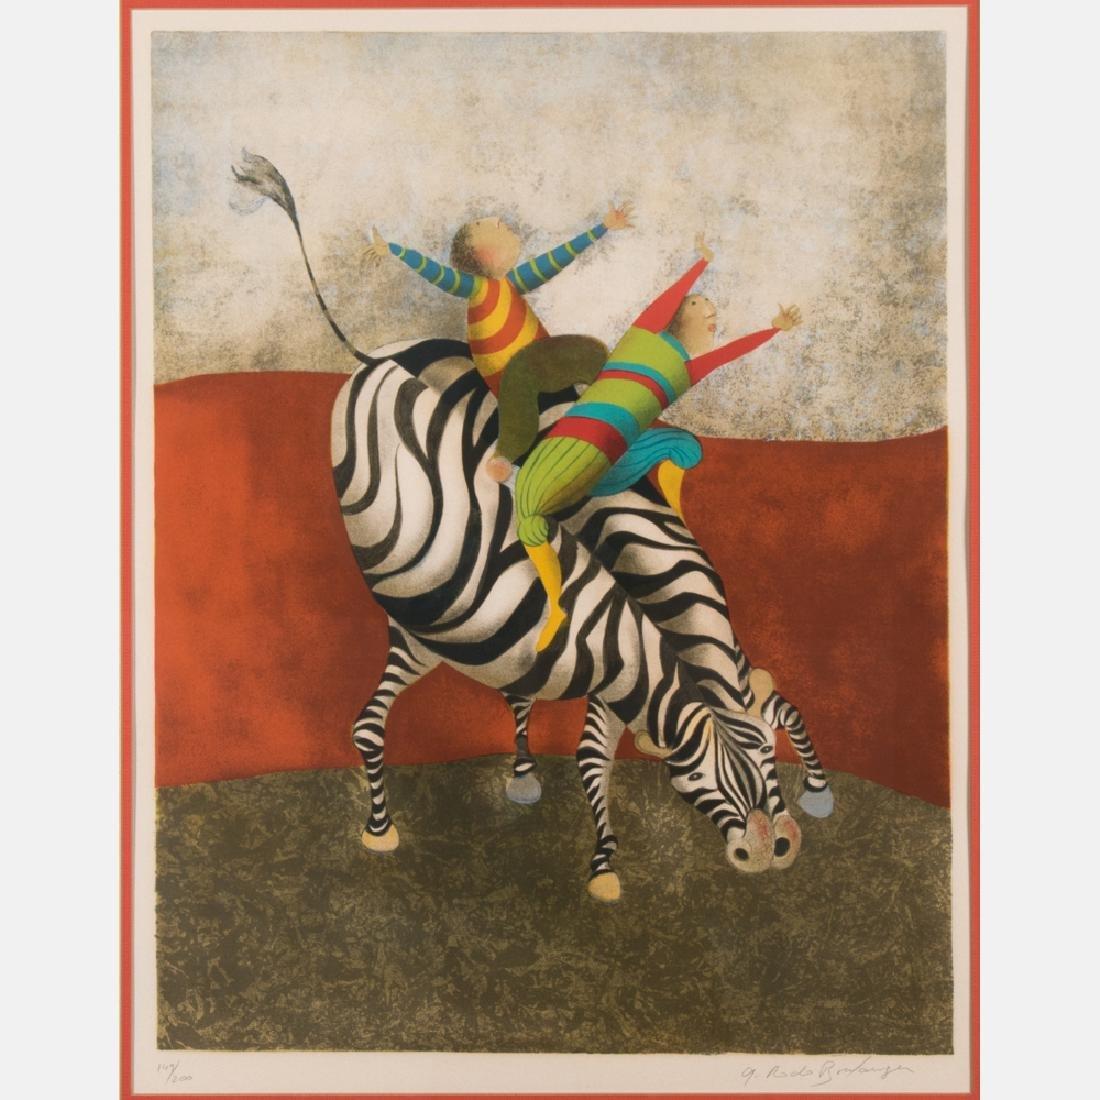 Graciela Rodo Boulanger (b. 1935) Children Riding a